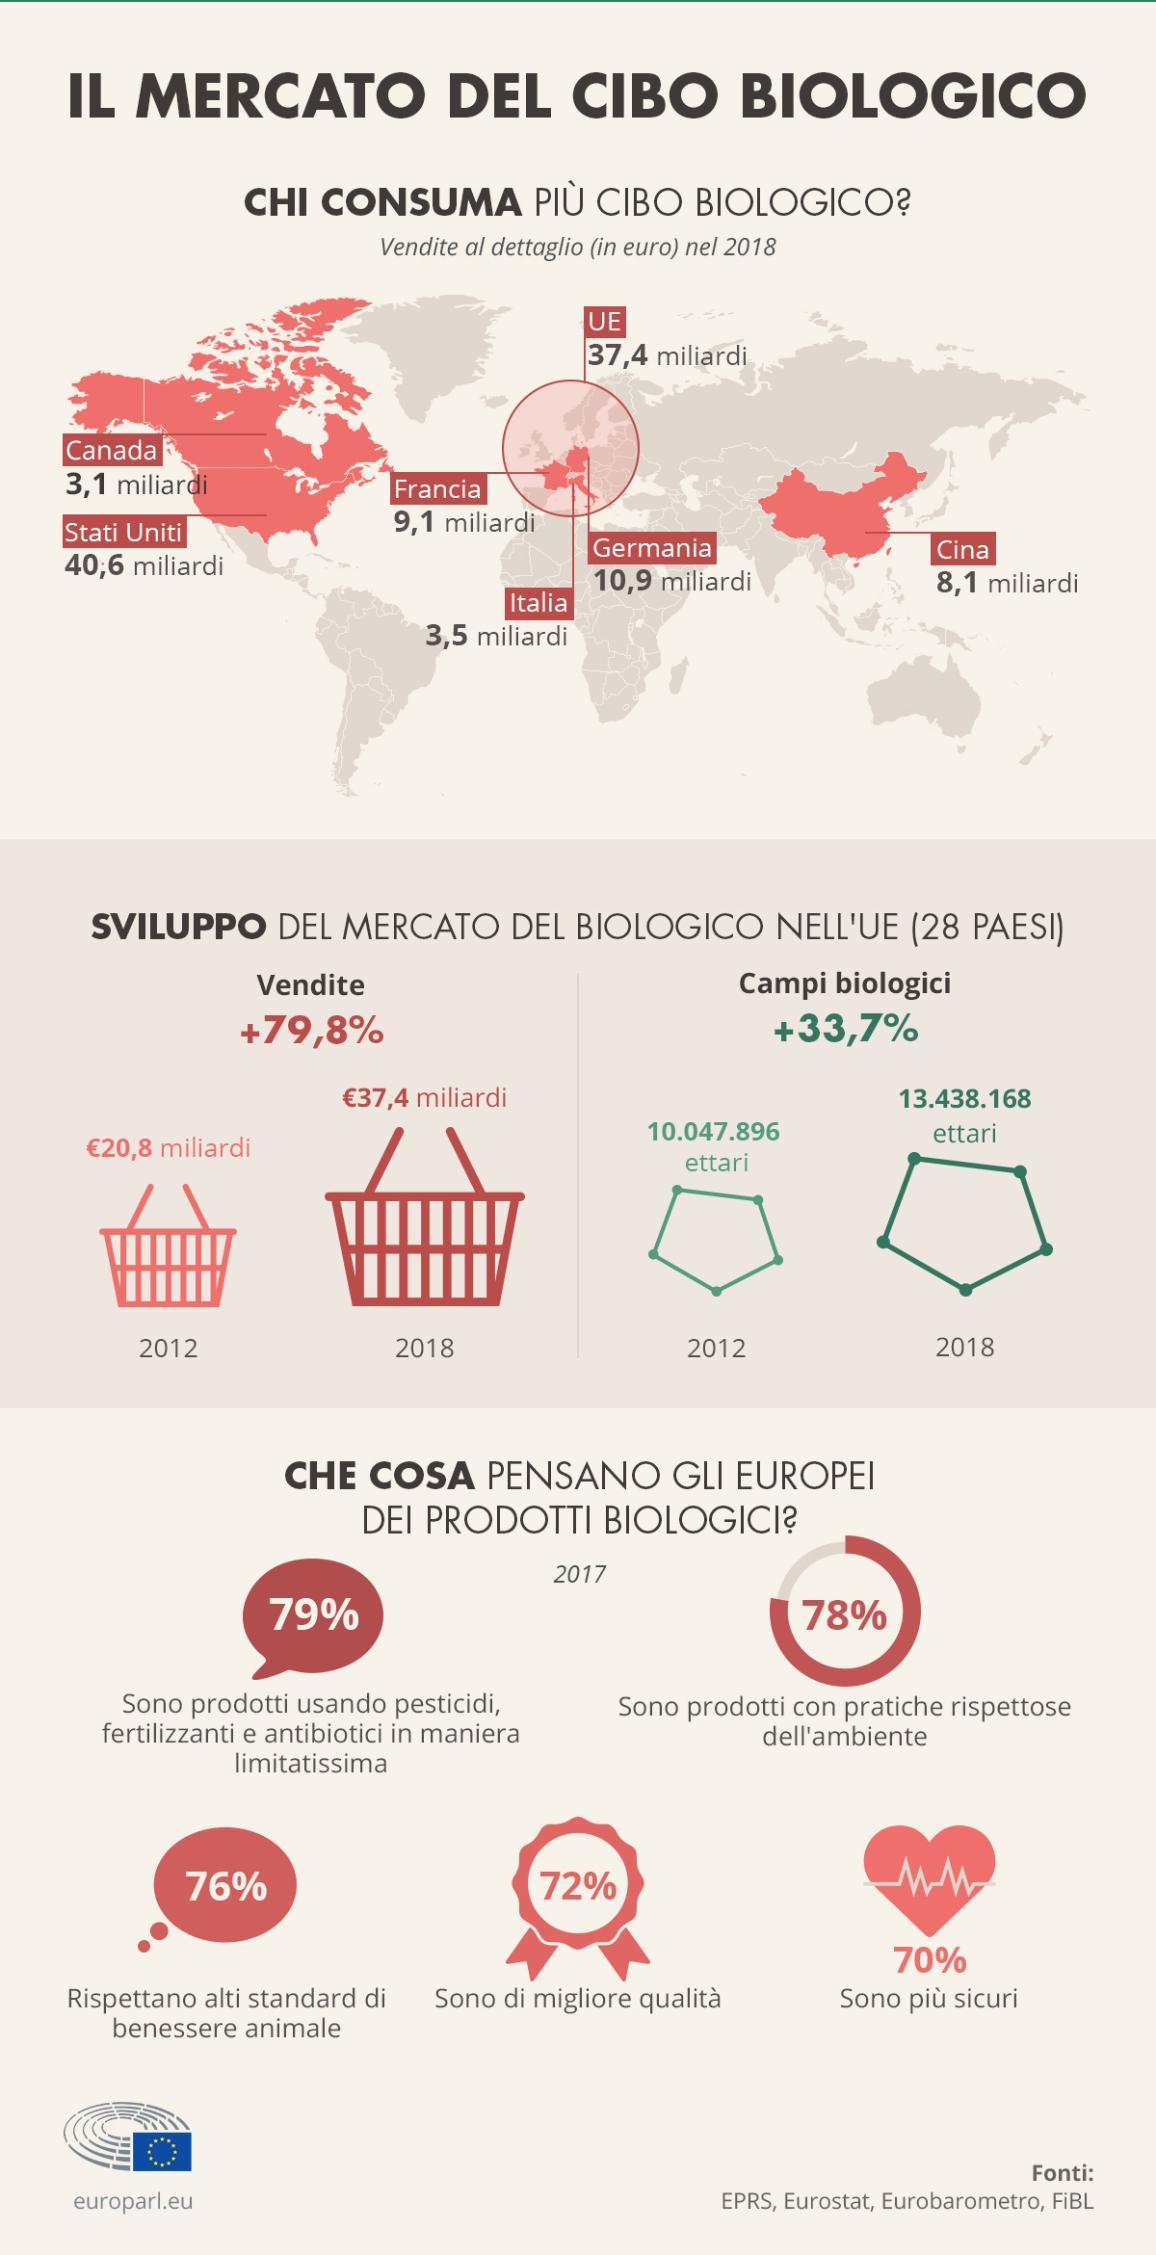 Infografica che mostra l'aumento del giro d'affari del biologico nell'UE e l'aumento dell'estensione dei campi coltivati con i metodi dell'agricoltura biologica. Vengono anche presentati i maggiori consumatori di biologico: Stati Uniti, UE, Cina e Canada